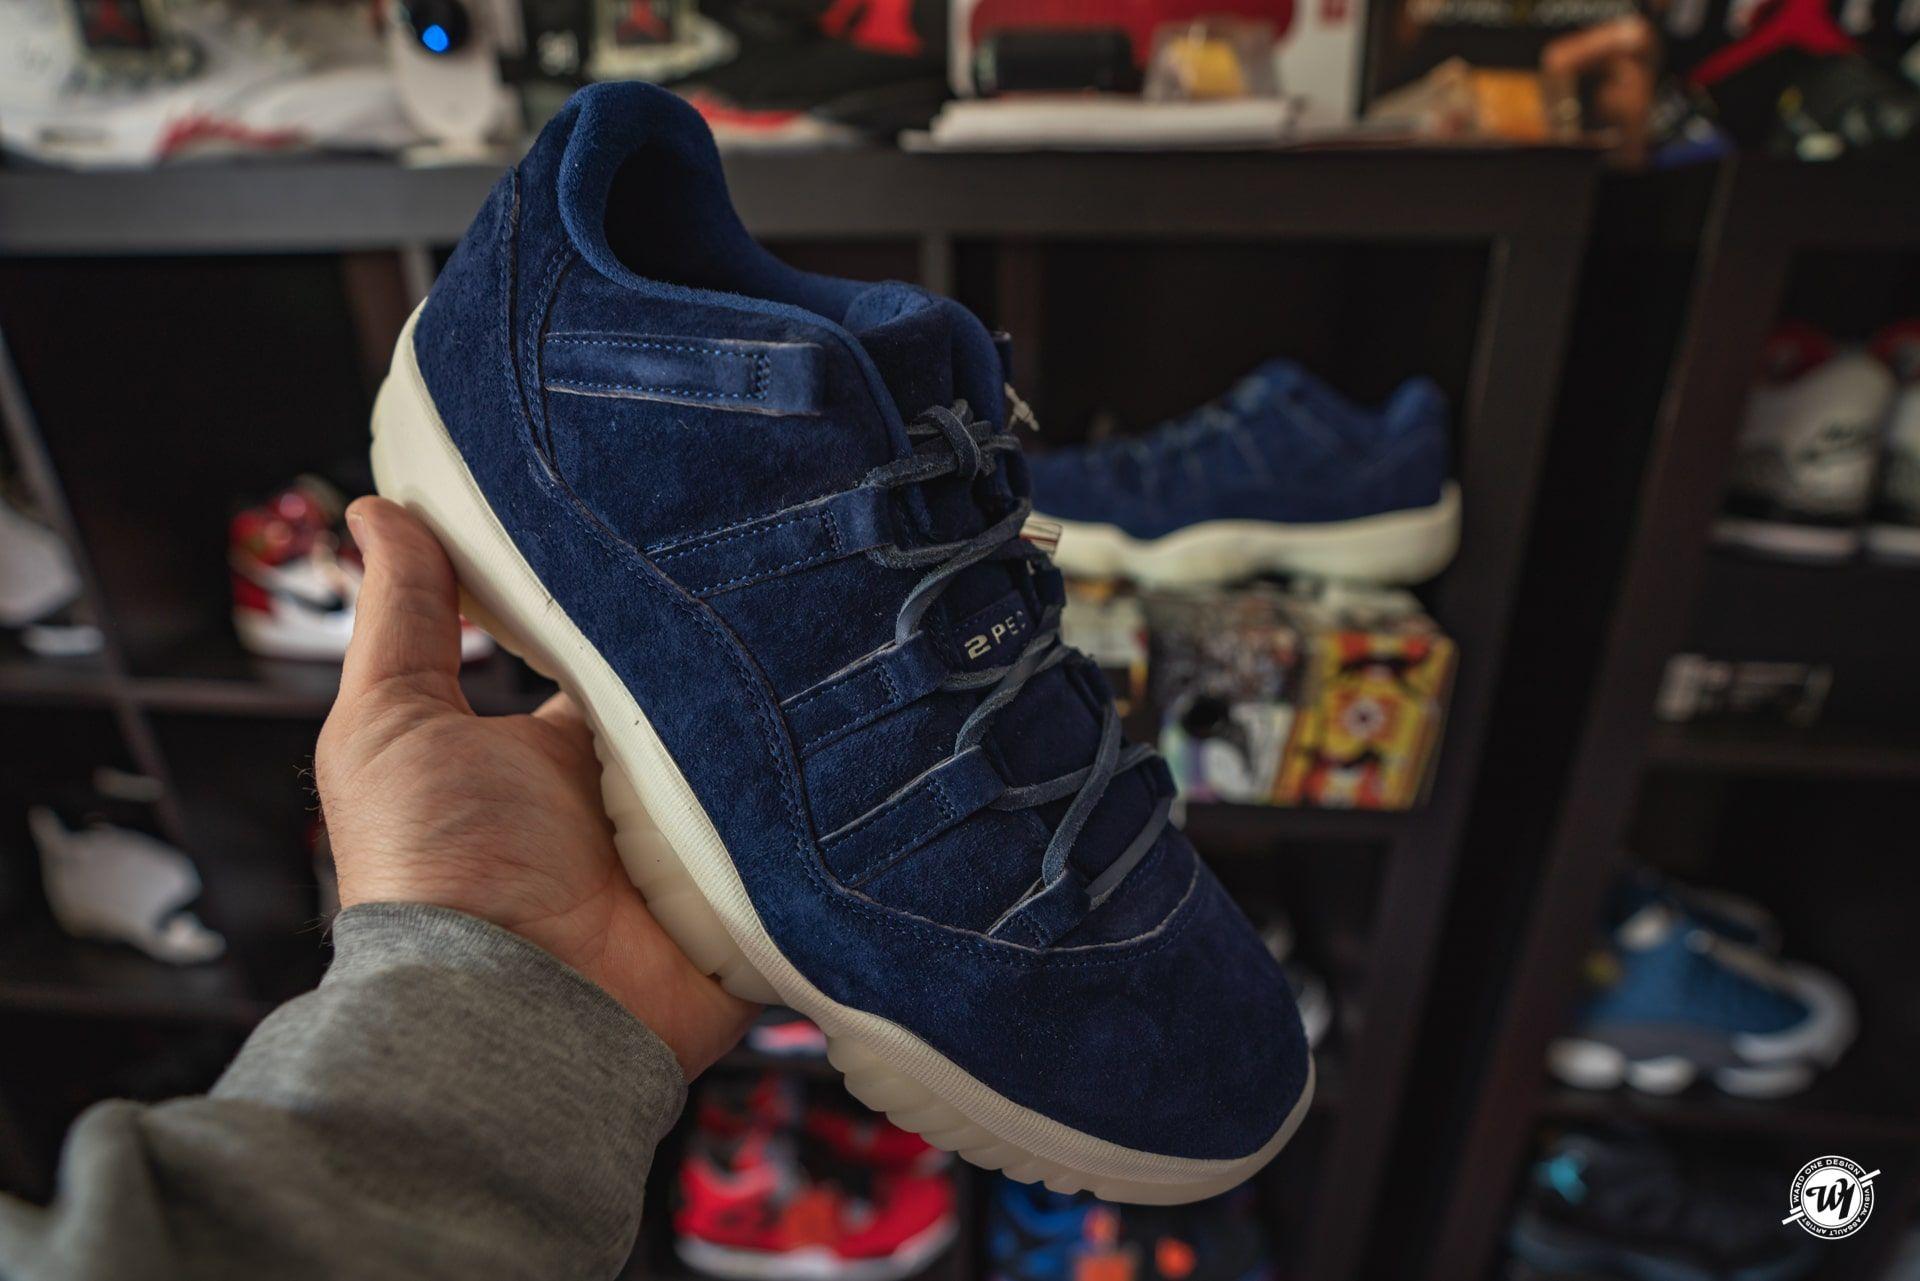 f33229dfc7e0 Derek Jeter • Air Jordan XI Low Binary Blue